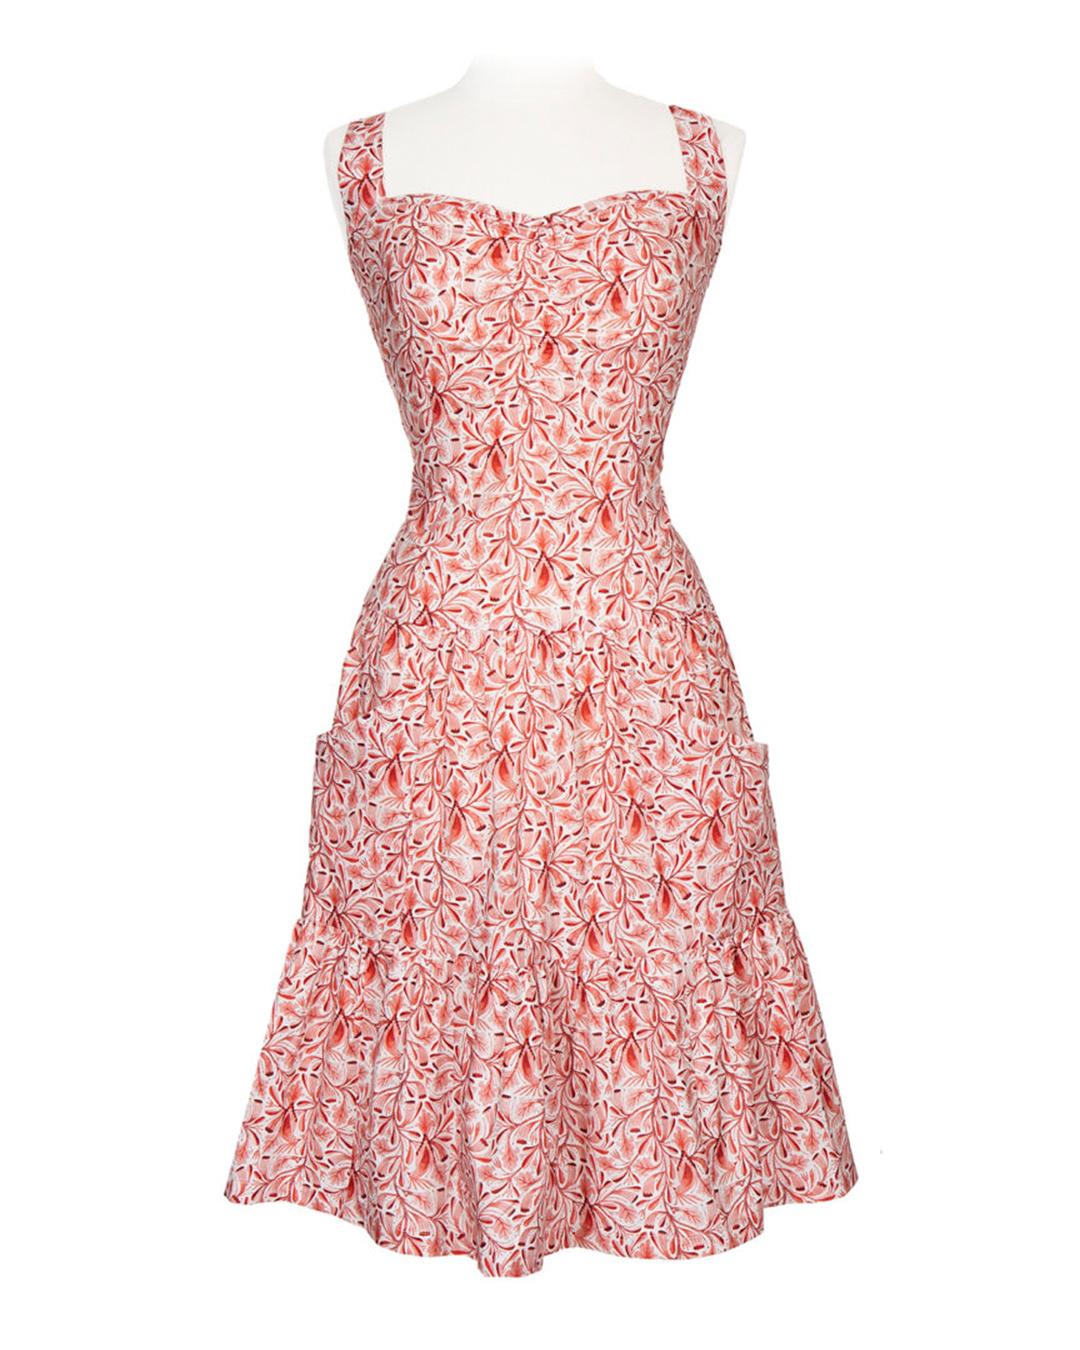 Sommerkjole koralrød kjole flora